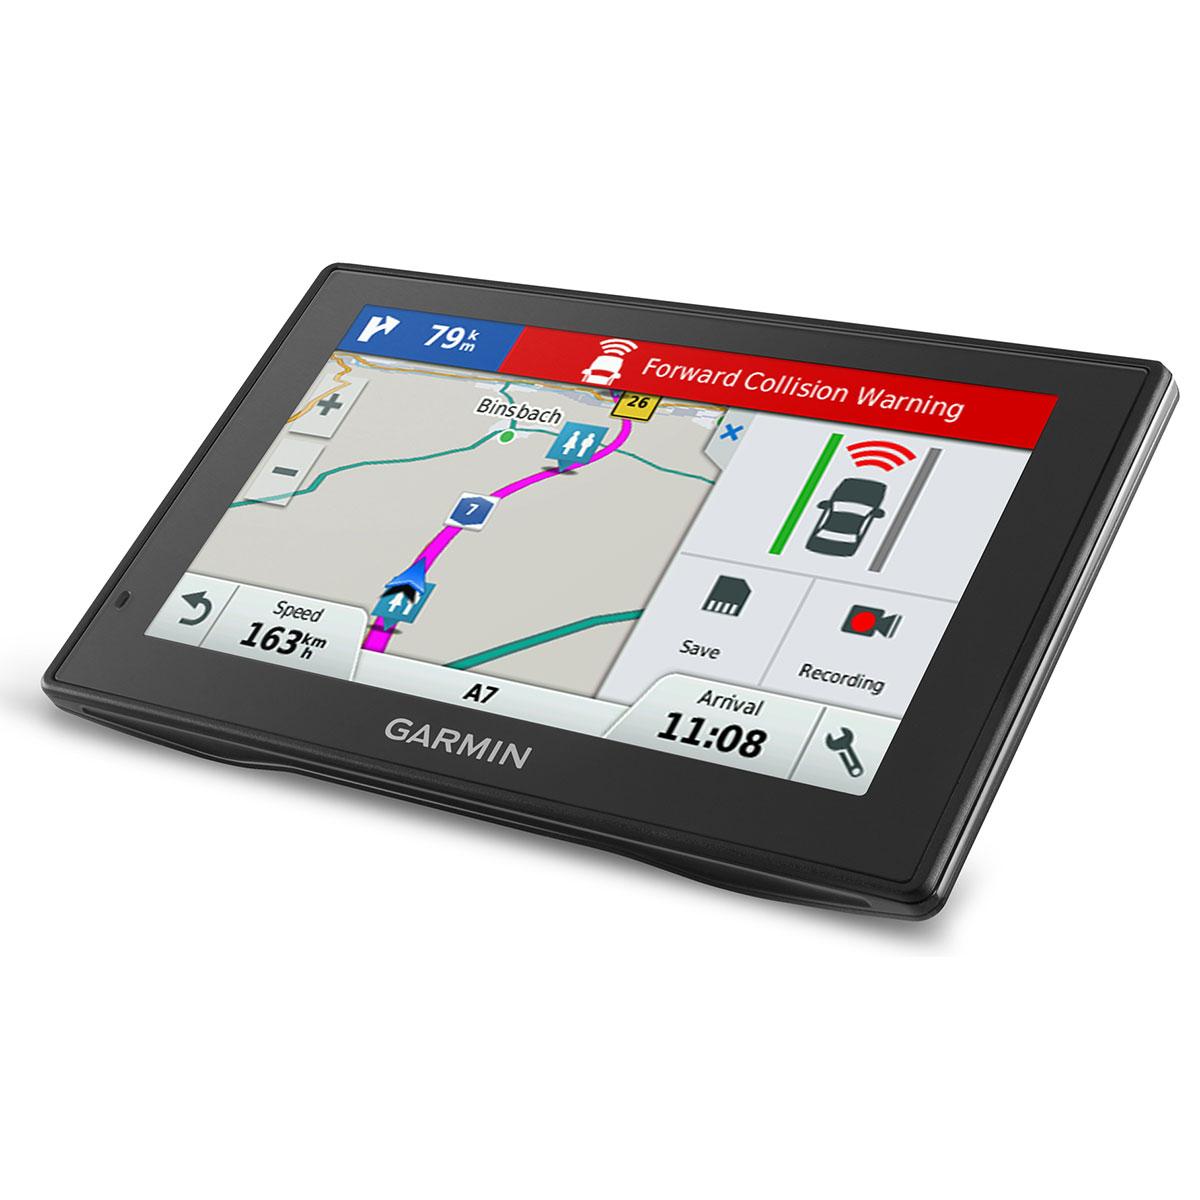 GPS навигатор Garmin DriveAssist 50 RUS LMT [010-01541-45]GPS навигаторы<br>Garmin DriveAssist™ 50 - GPS навигатор со втроенной камерой и возможностью подклучения второй<br><br>Современный мир с его огромным количеством многополосных дорог, сложных перекрестков и многоуровневых развязок предъявляет серьезные требования к подготовке водителя и обязывает его использовать самые современные средства навигации. Такие, как Garmin DriveAssist™ 50! Это устройство – не просто GPS-навигатор! Это полноценный «комбаин», который способен прокладывать путь, поддерживает подключение сторонних гаджетов и аксессуаров, а также несет в себе огромное количество...<br>